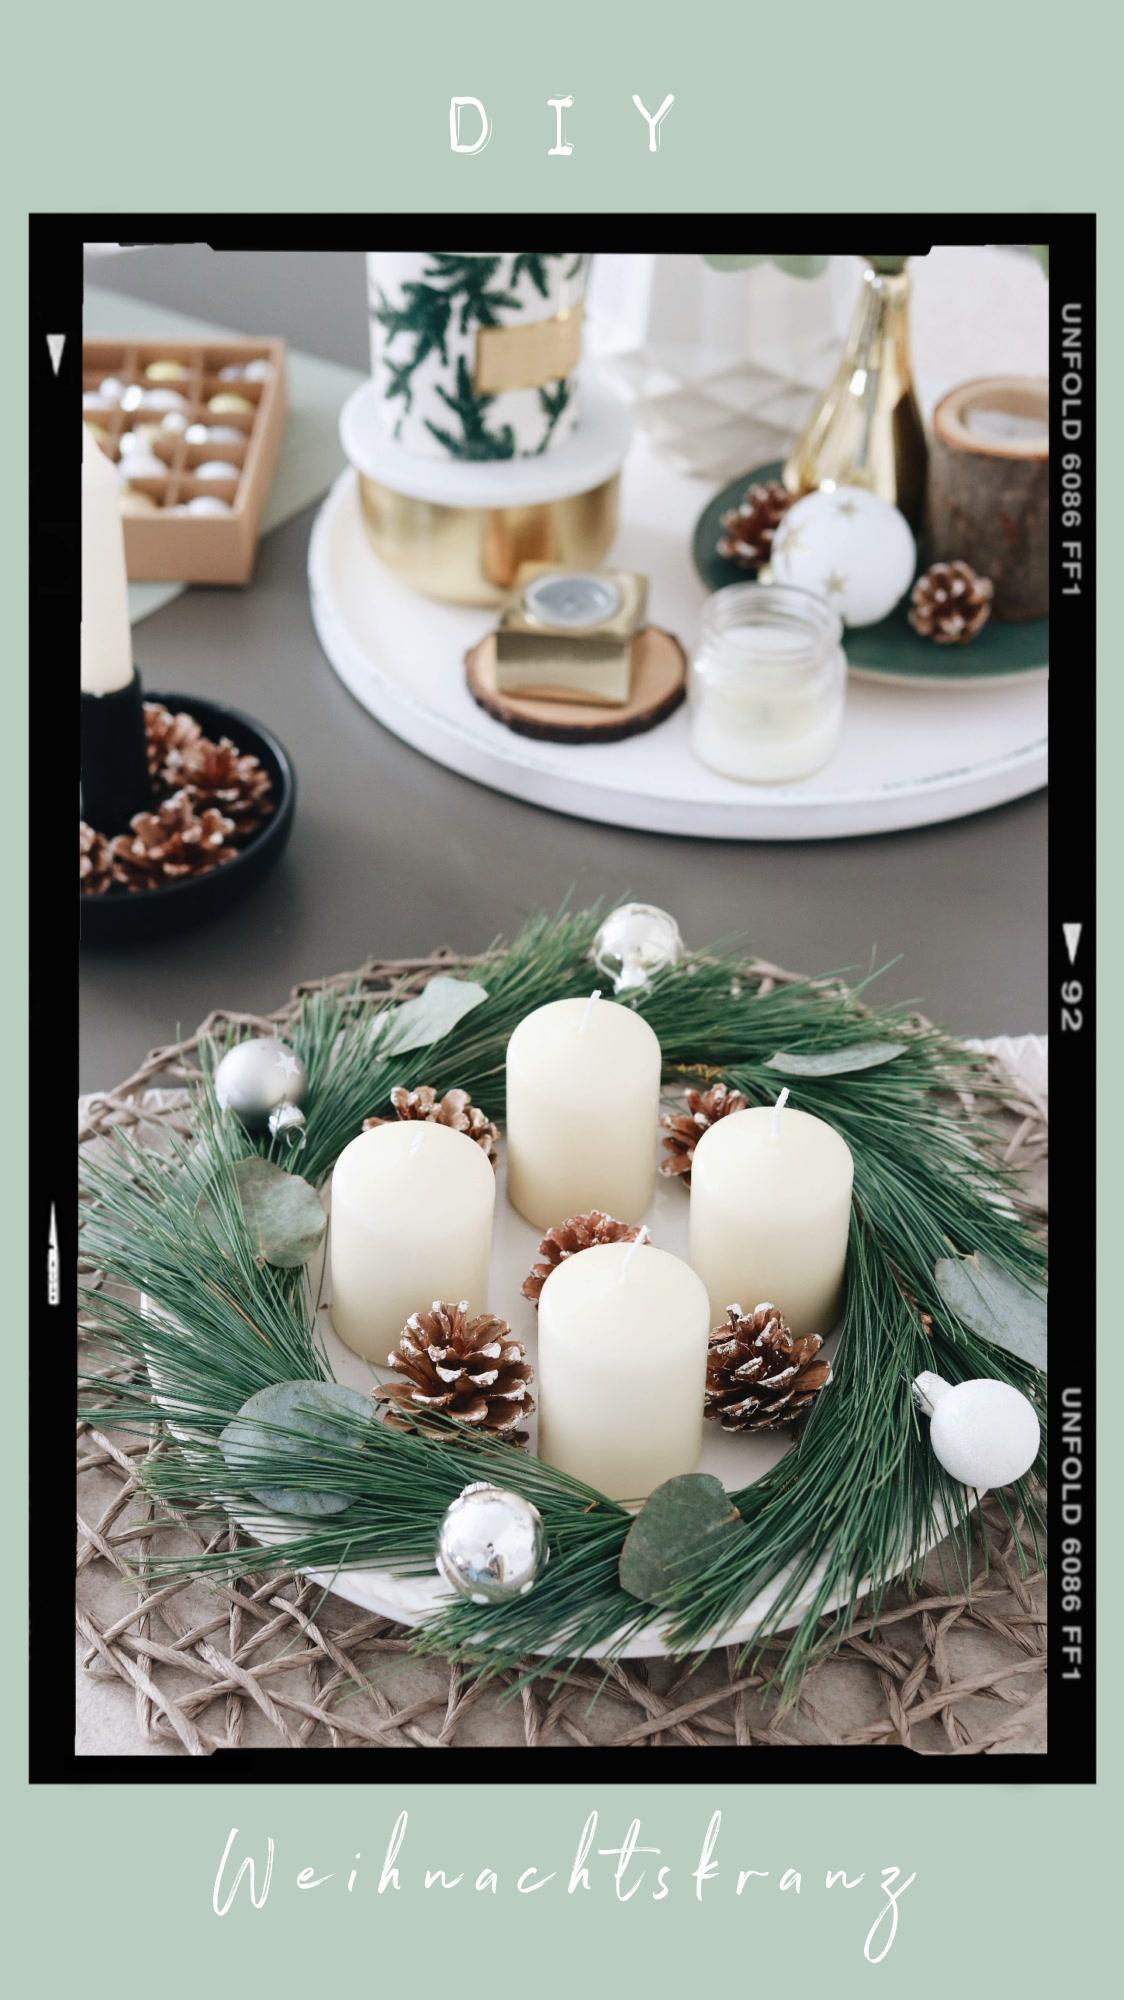 DIY Weihnachtskranz mit Eukalyptus und Kiefer - Scandi Style